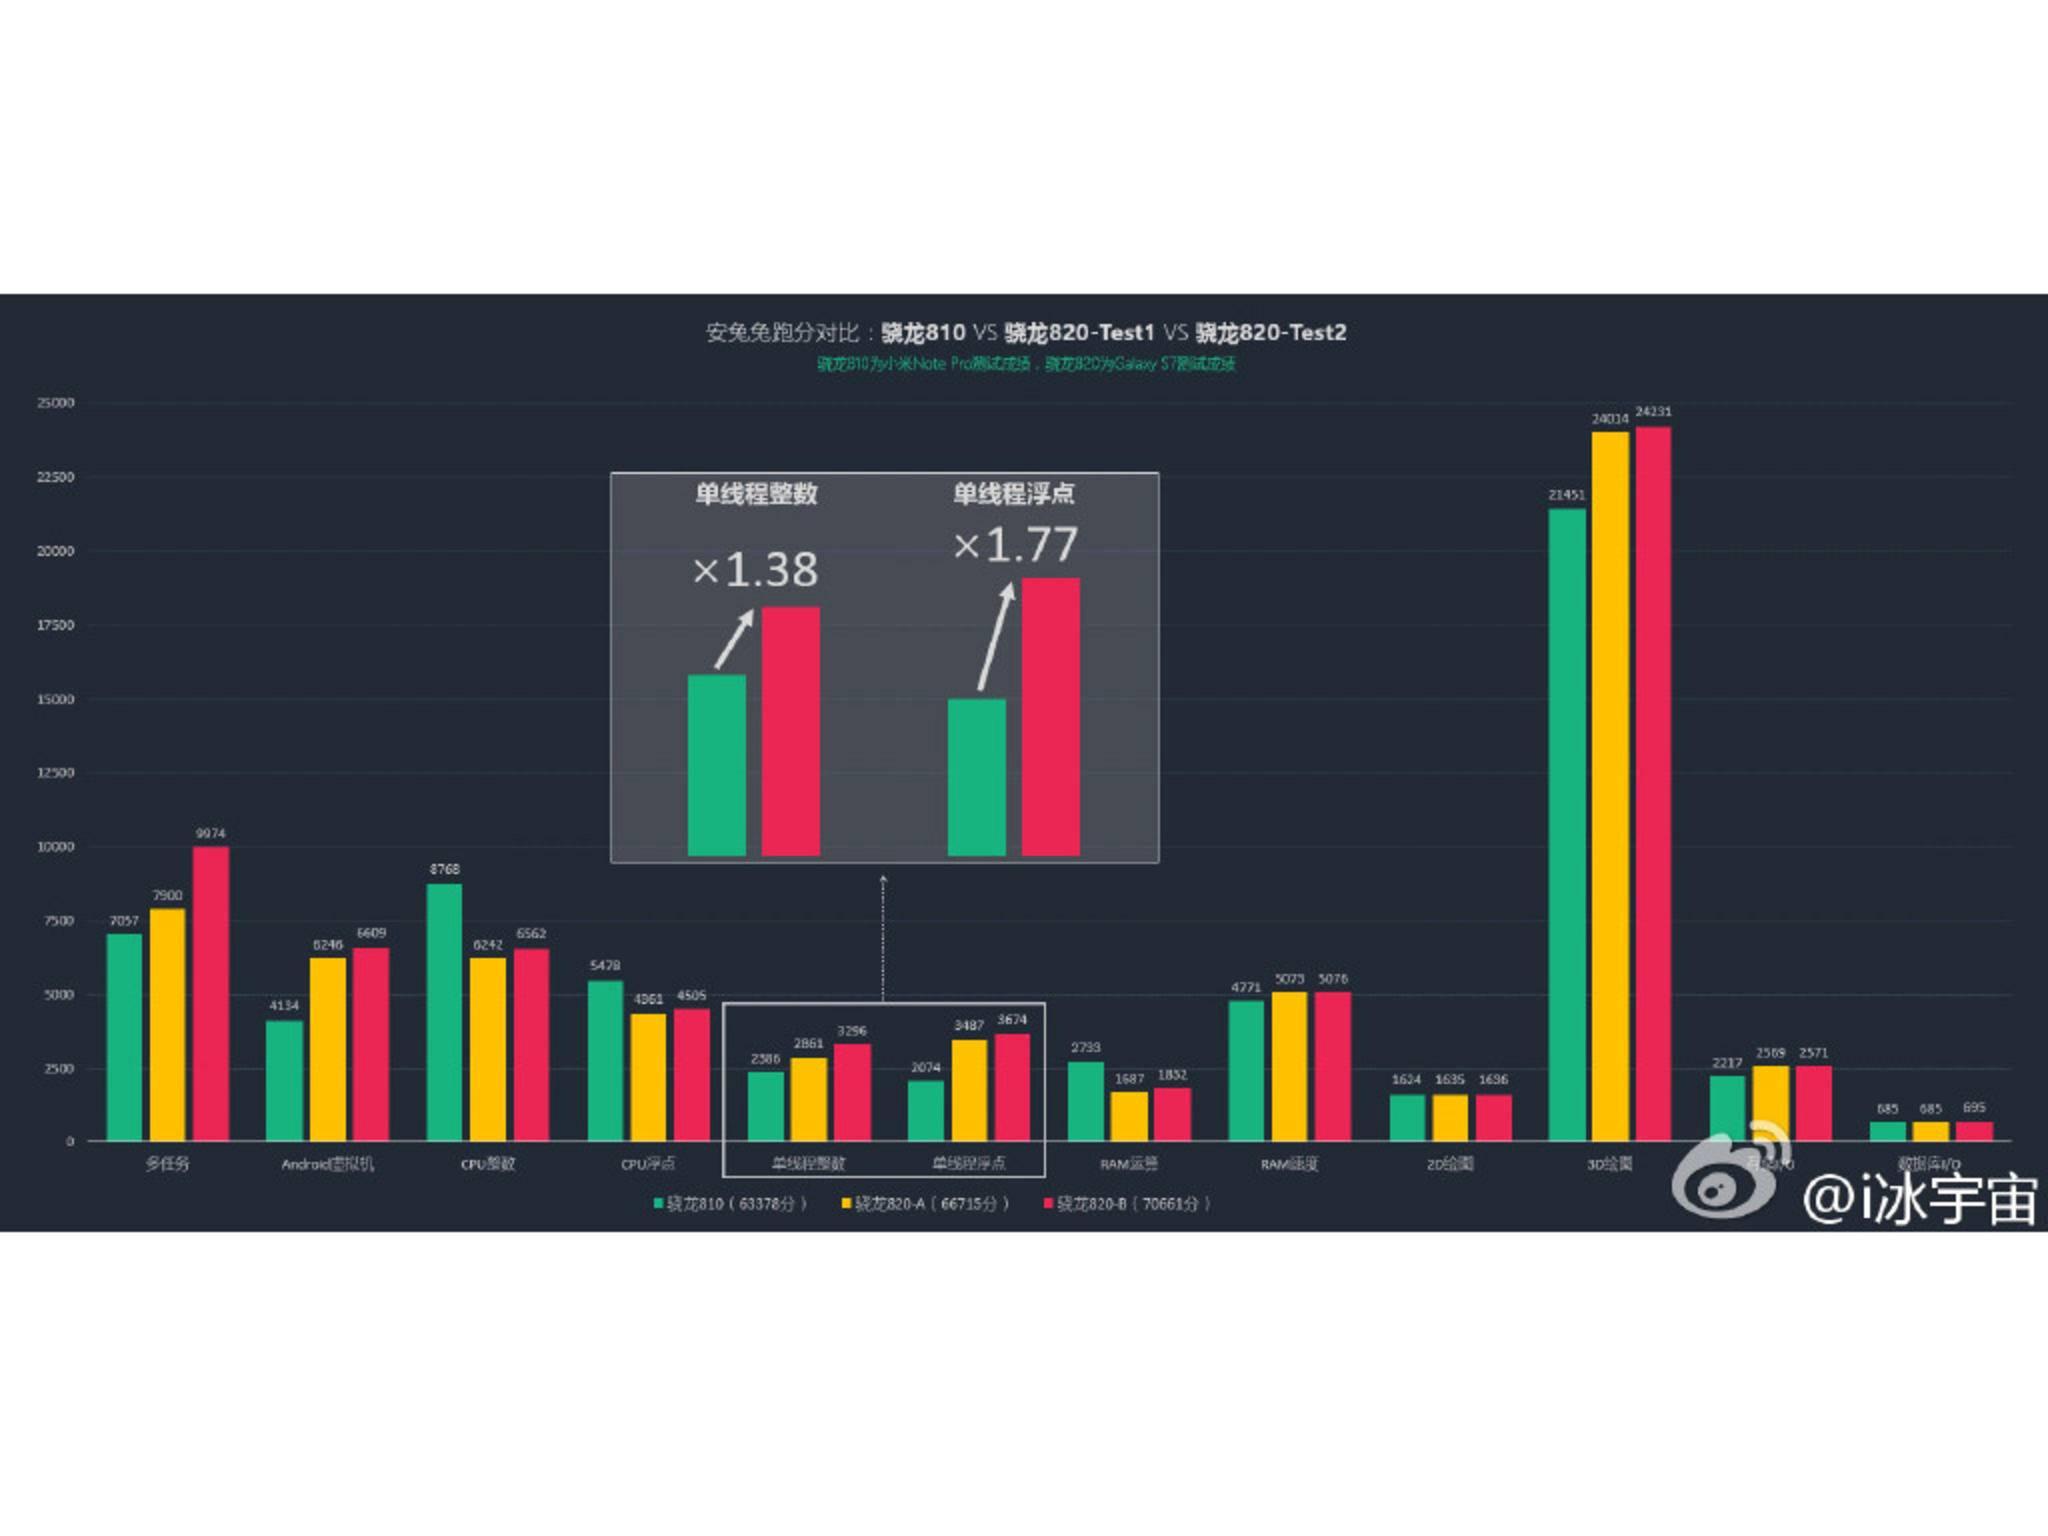 Die neue Snapdragon 820-Version verbesserte seine Performance in Einzelkategorien um das 1,38- beziehungsweise. das 1,77-fache.